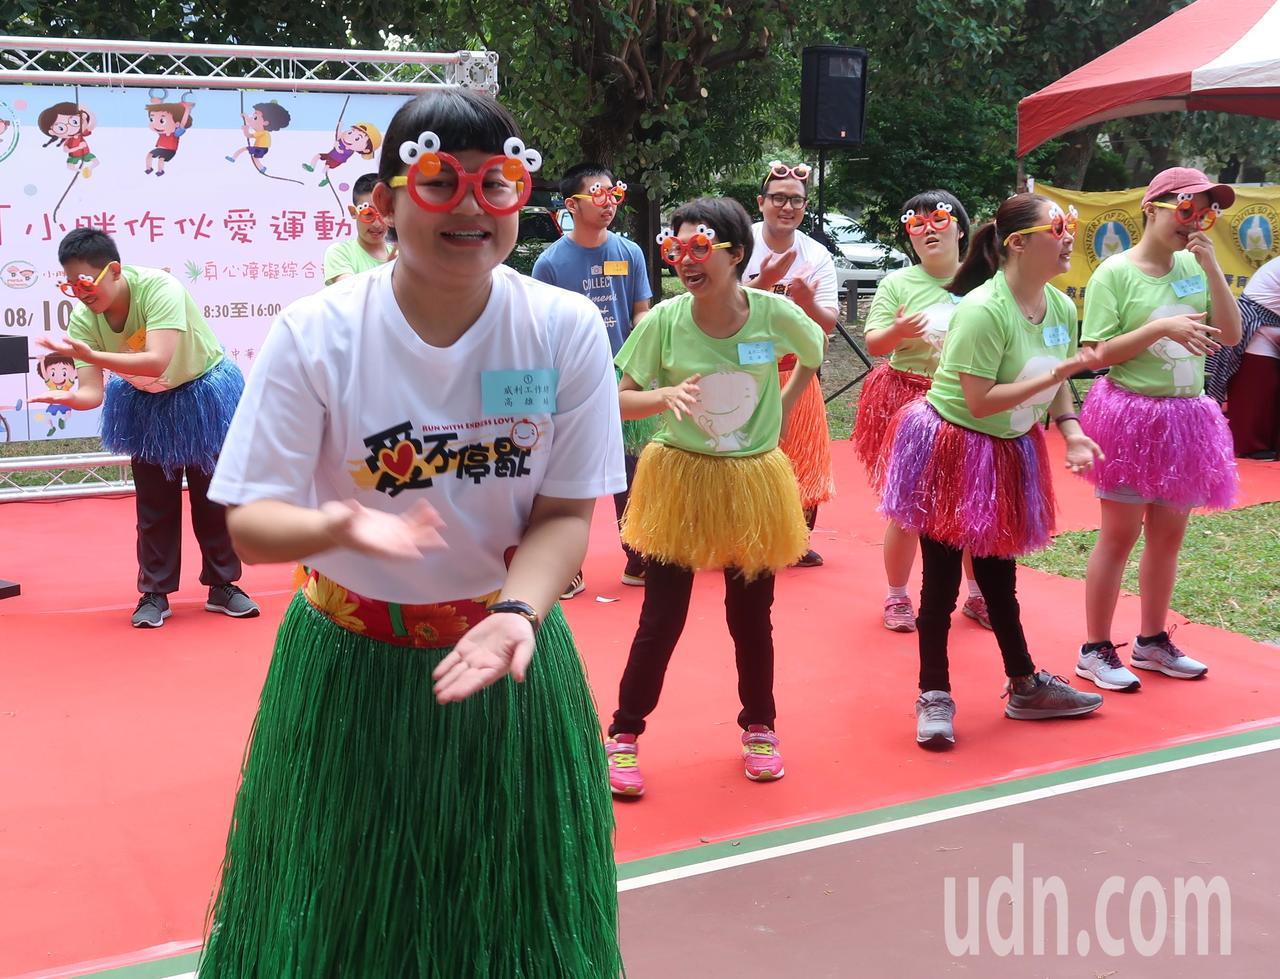 「小胖作伙愛運動」身心障礙綜合性運動會,選手表演活力歌舞。記者徐如宜/攝影